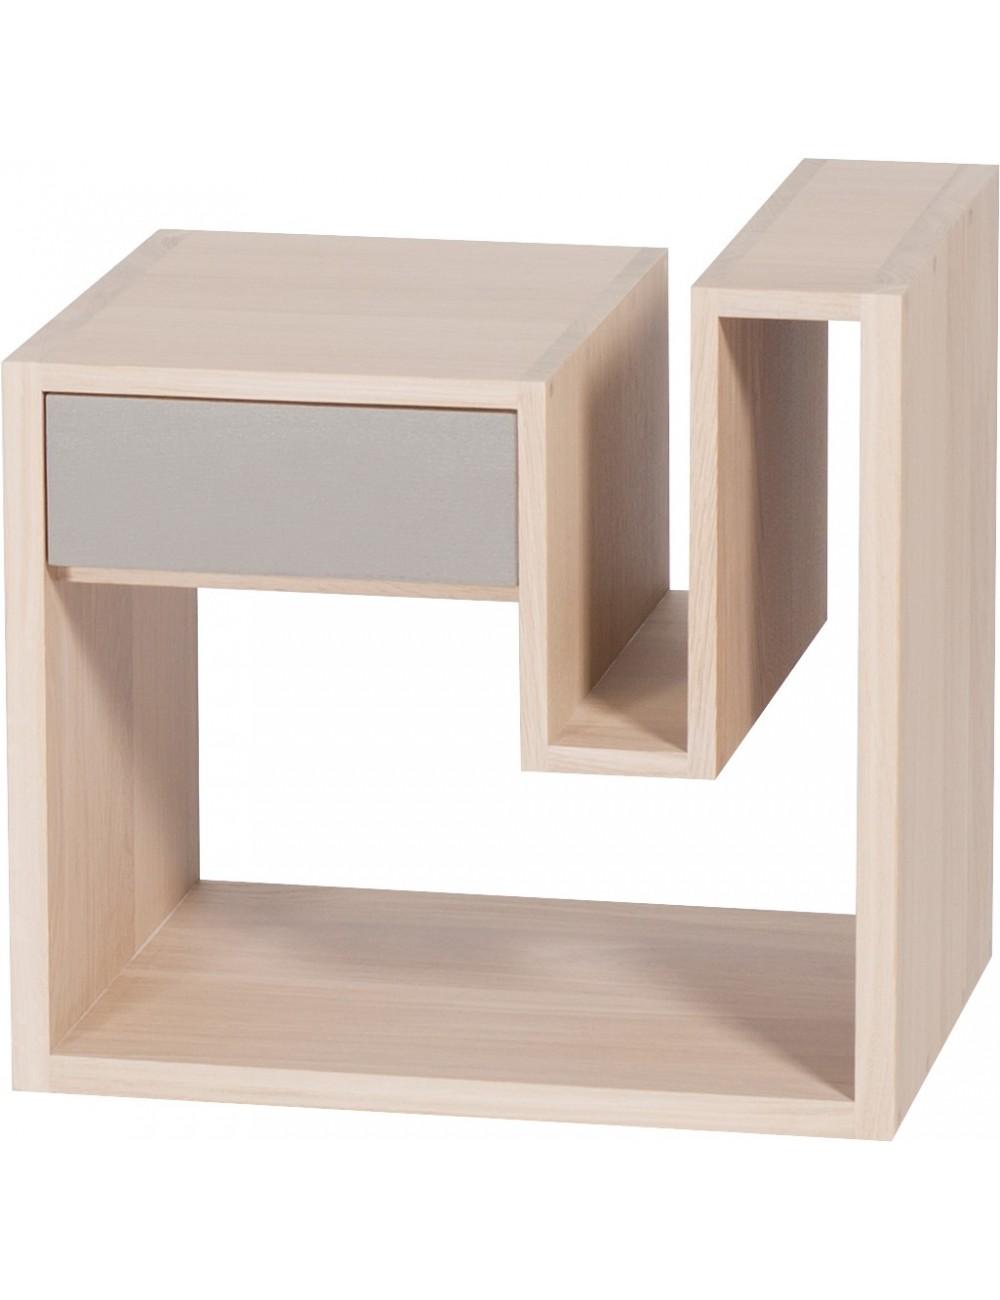 Table de chevets Créneau Anthracite